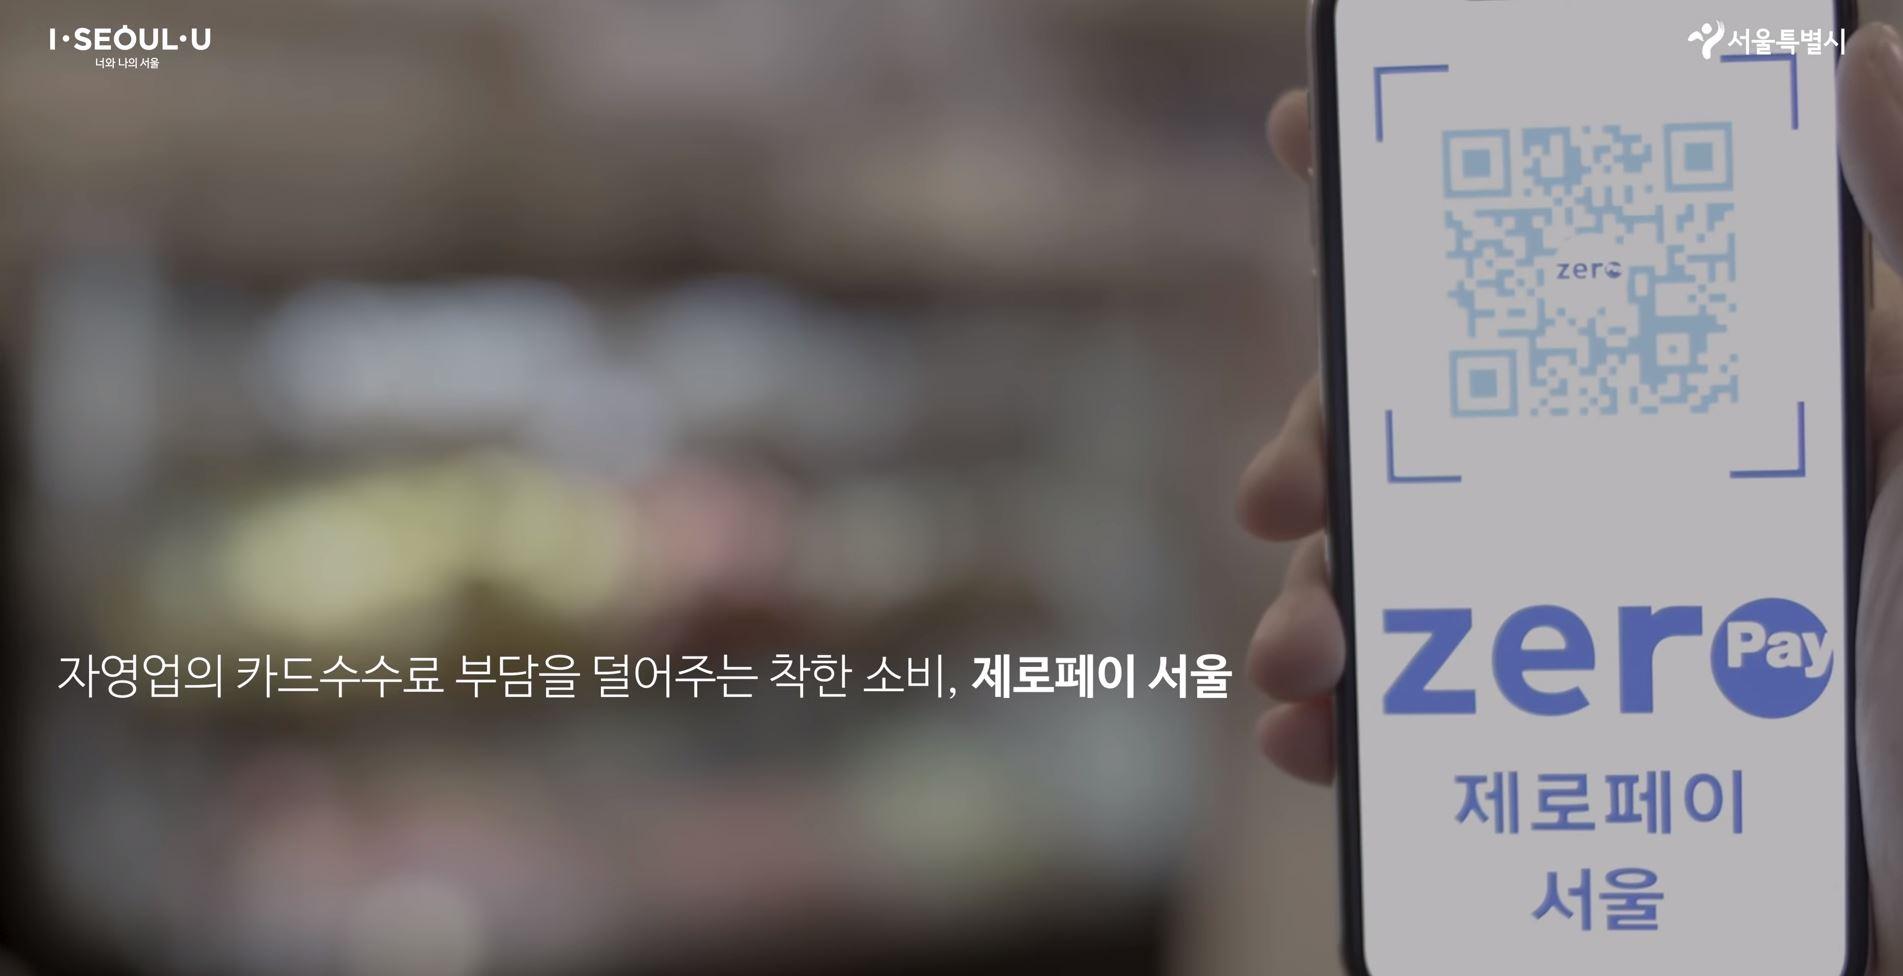 쓰러진 아홉을 살릴 수 있는 방법 '제로페이 서울'